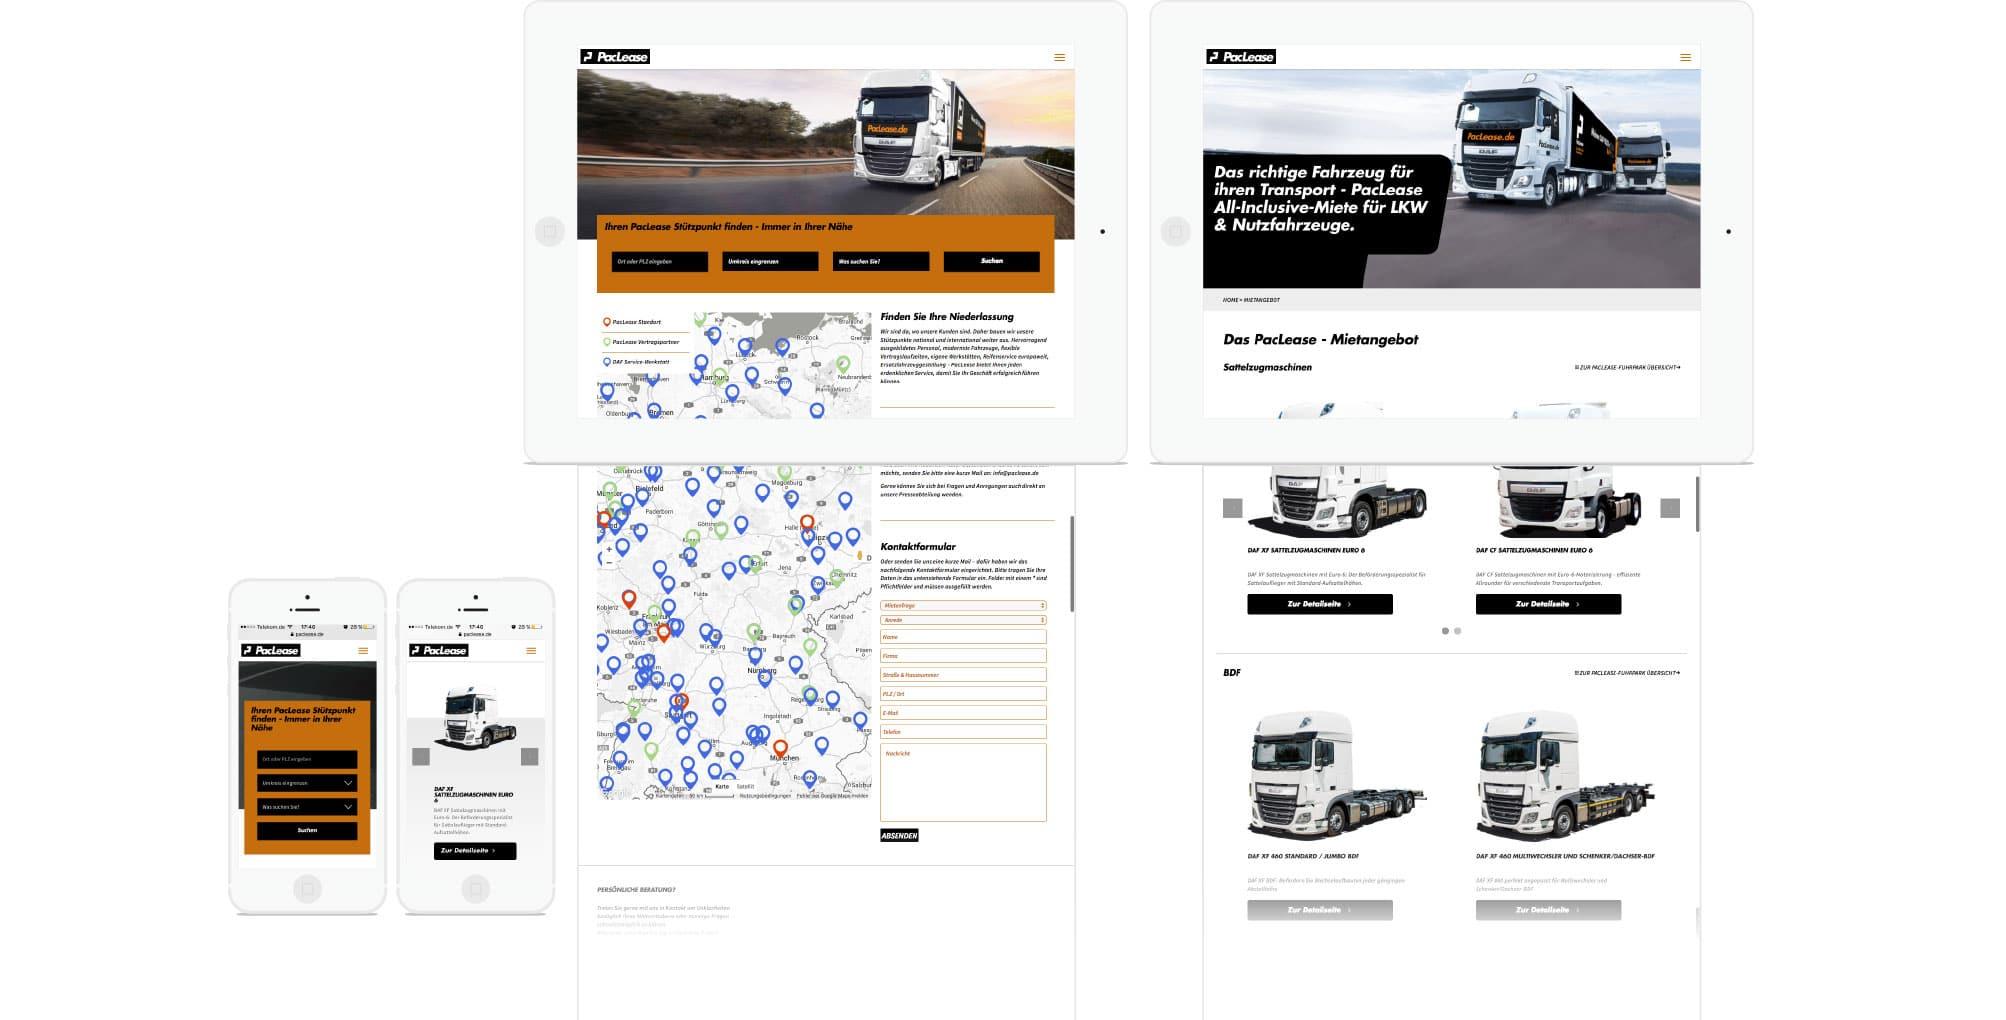 360VIER_Paclease_Bild_Webdesign Jahresrückblick 2016